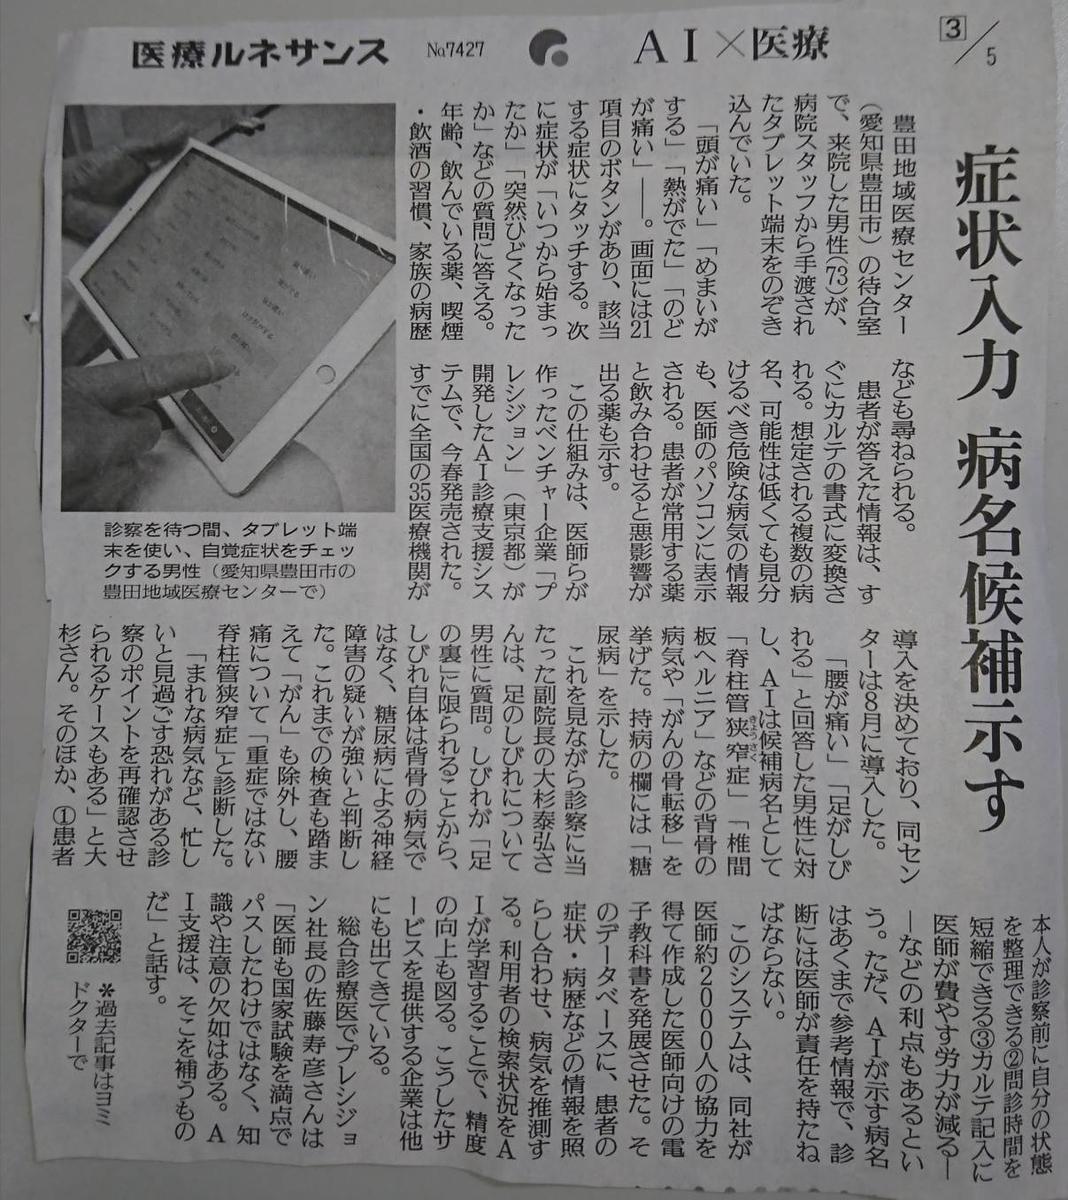 f:id:kazura-kobayashi:20210214173241j:plain